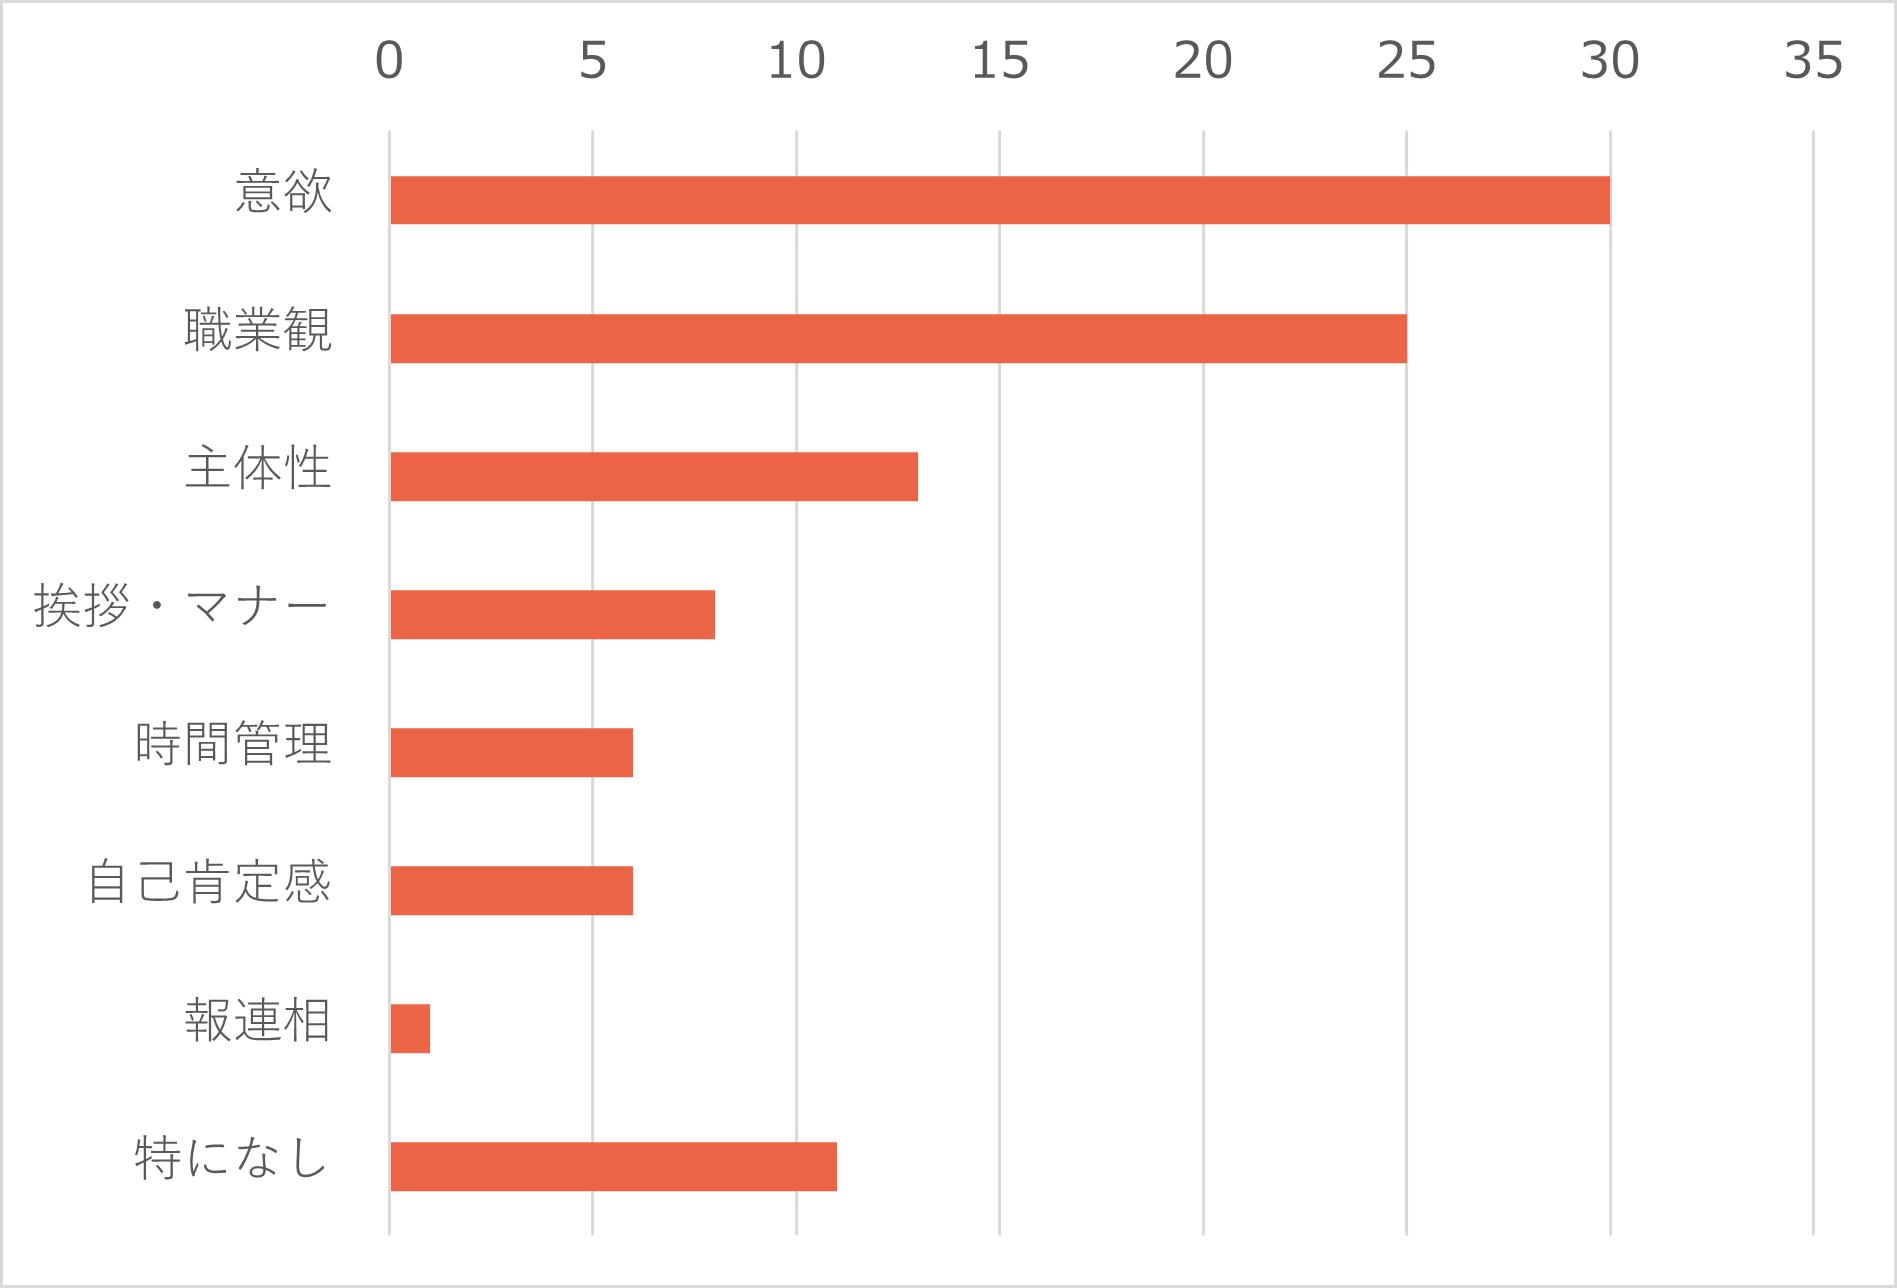 インターン報告記事用棒グラフ